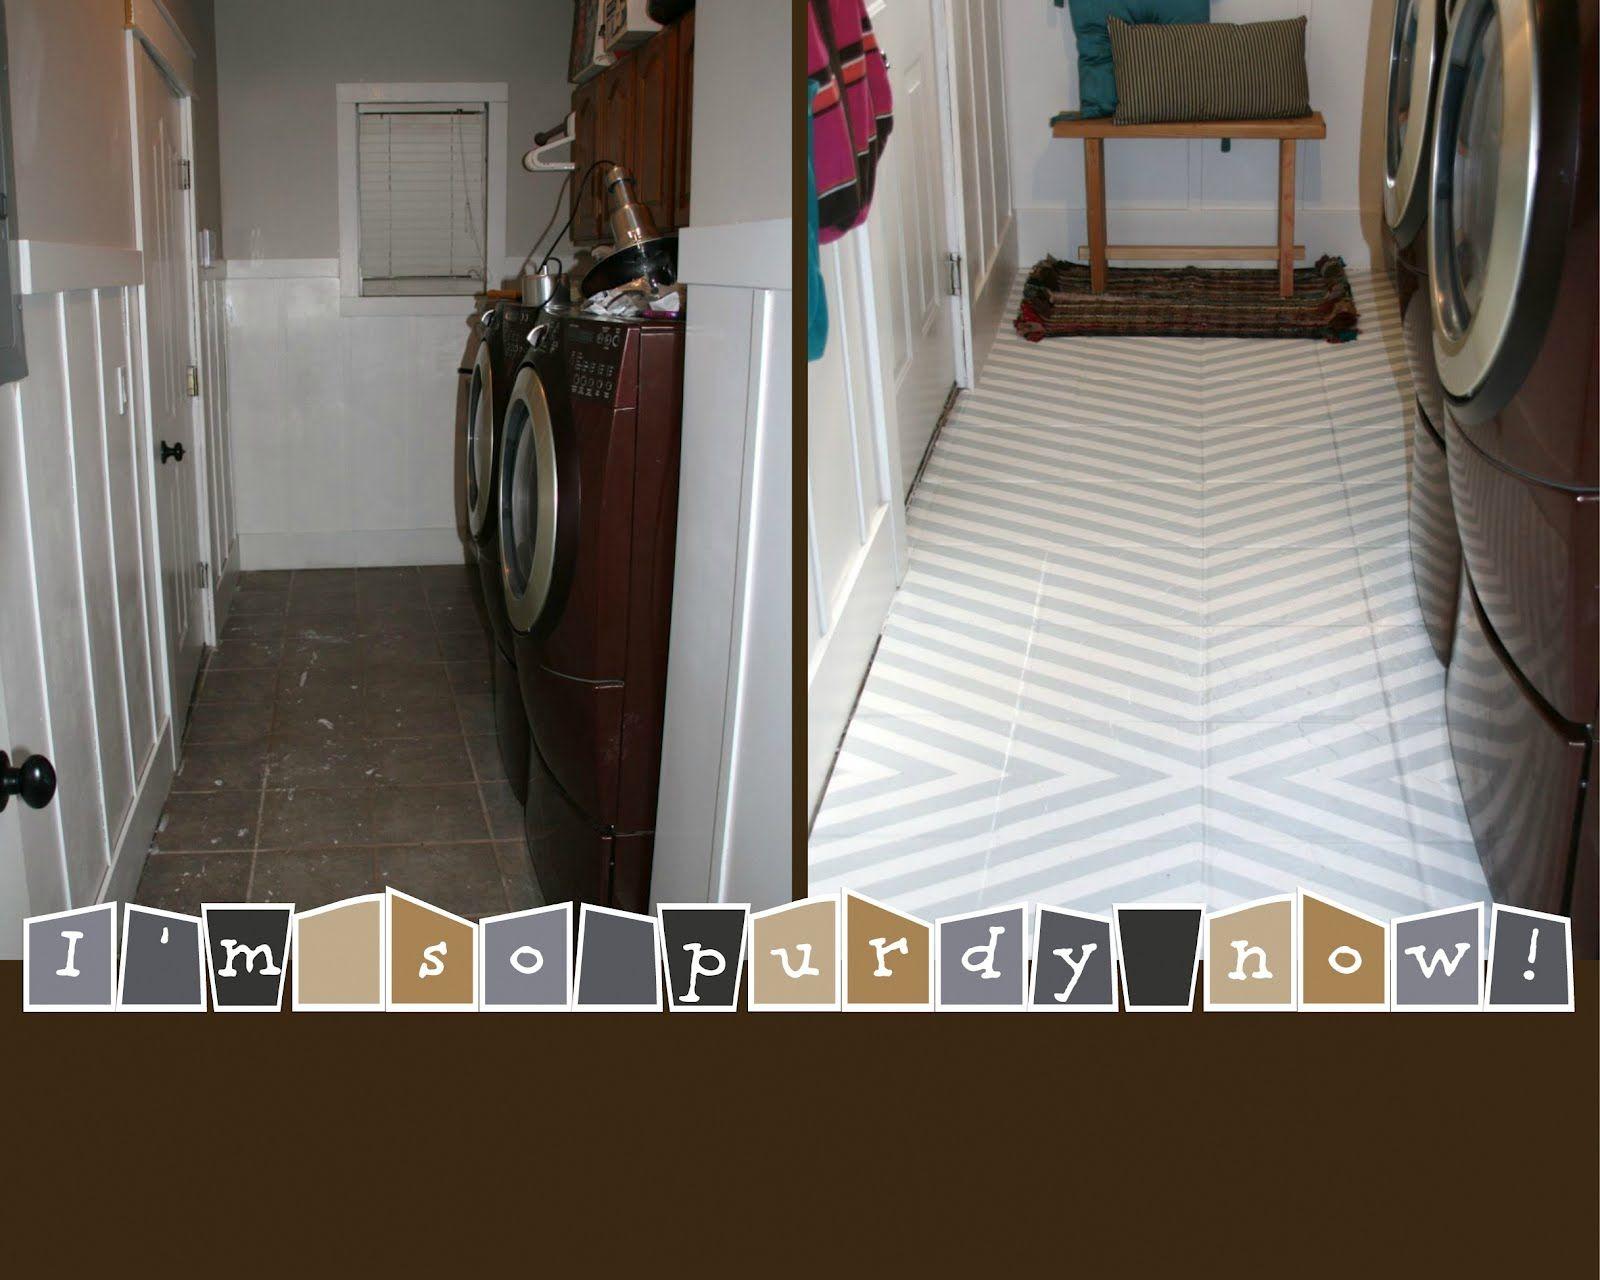 die besten 25 malerei fliesen ideen auf pinterest badfliesen streichen bemalte fliesen und. Black Bedroom Furniture Sets. Home Design Ideas